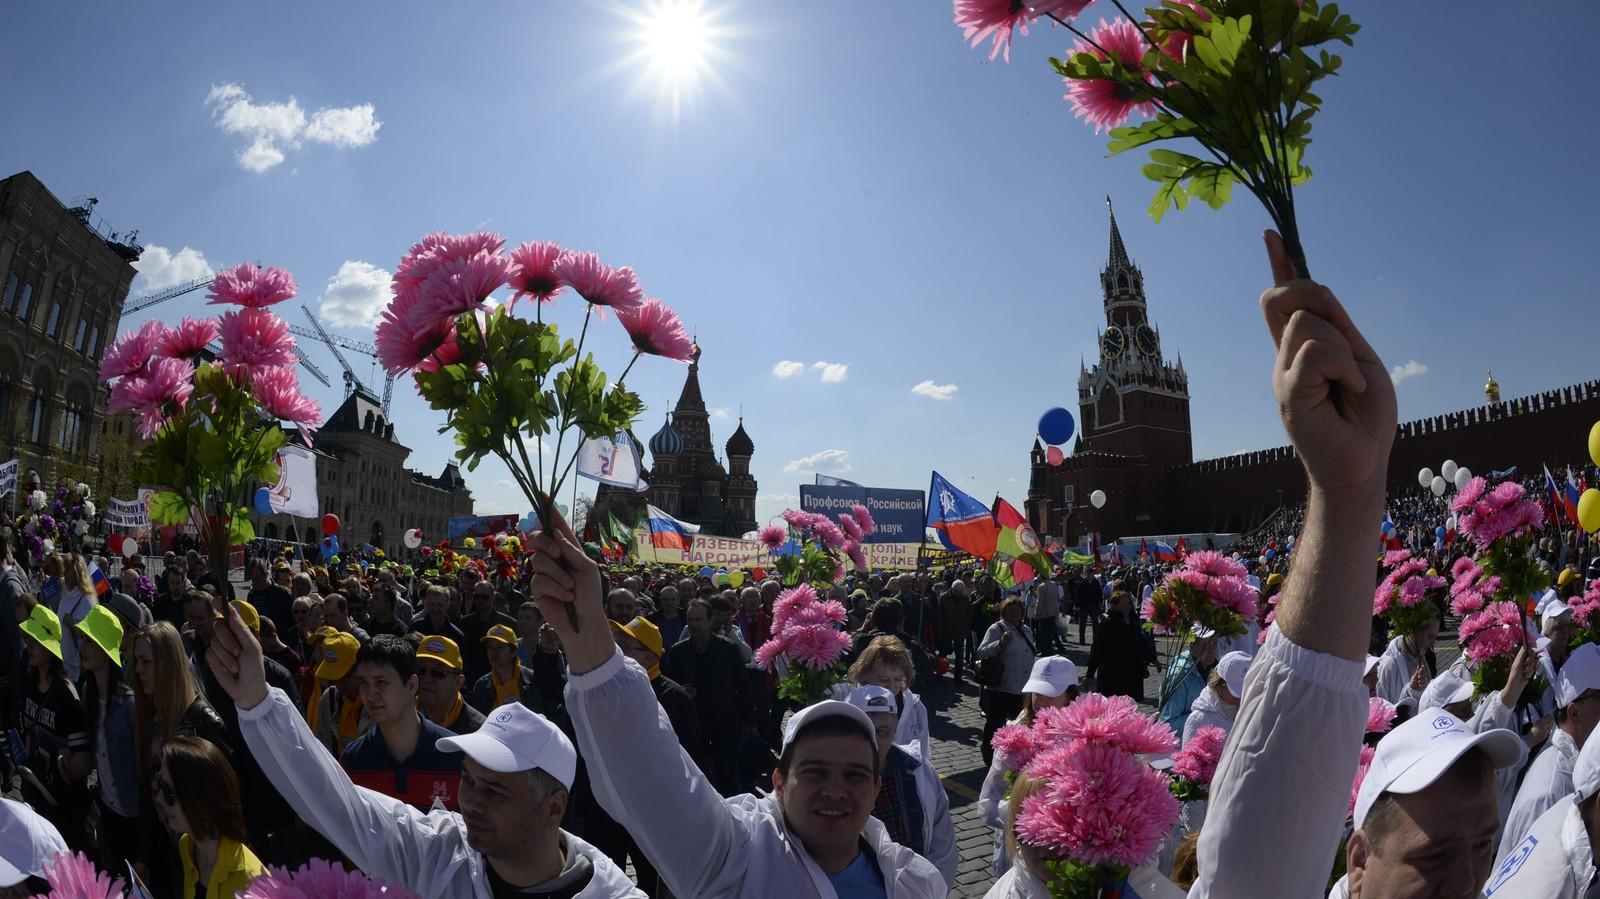 Russiske fagorganiserte holder opp blomster, flagg og ballonger under en parade på Den røde plass i Moskva, søndag.